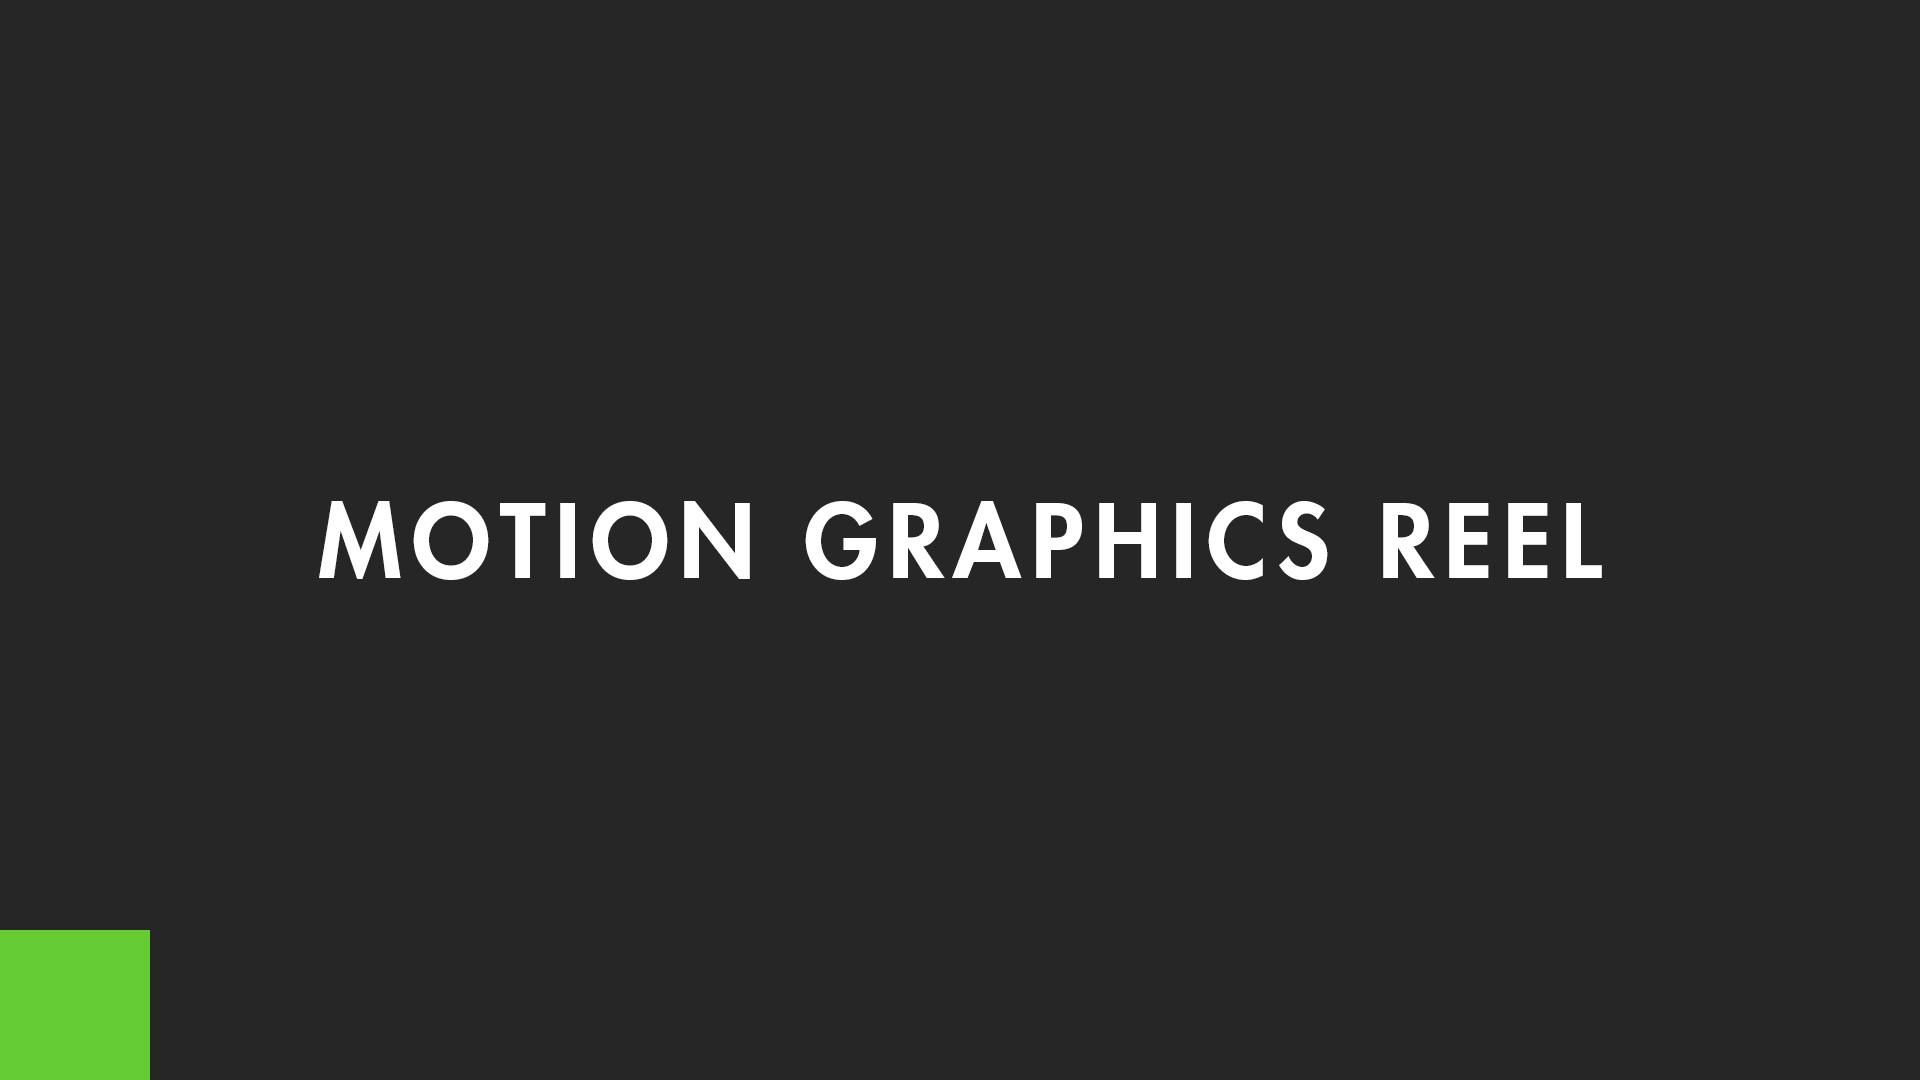 dp-DemoReel_Thumbnail_v001_MotionGraphics.jpg